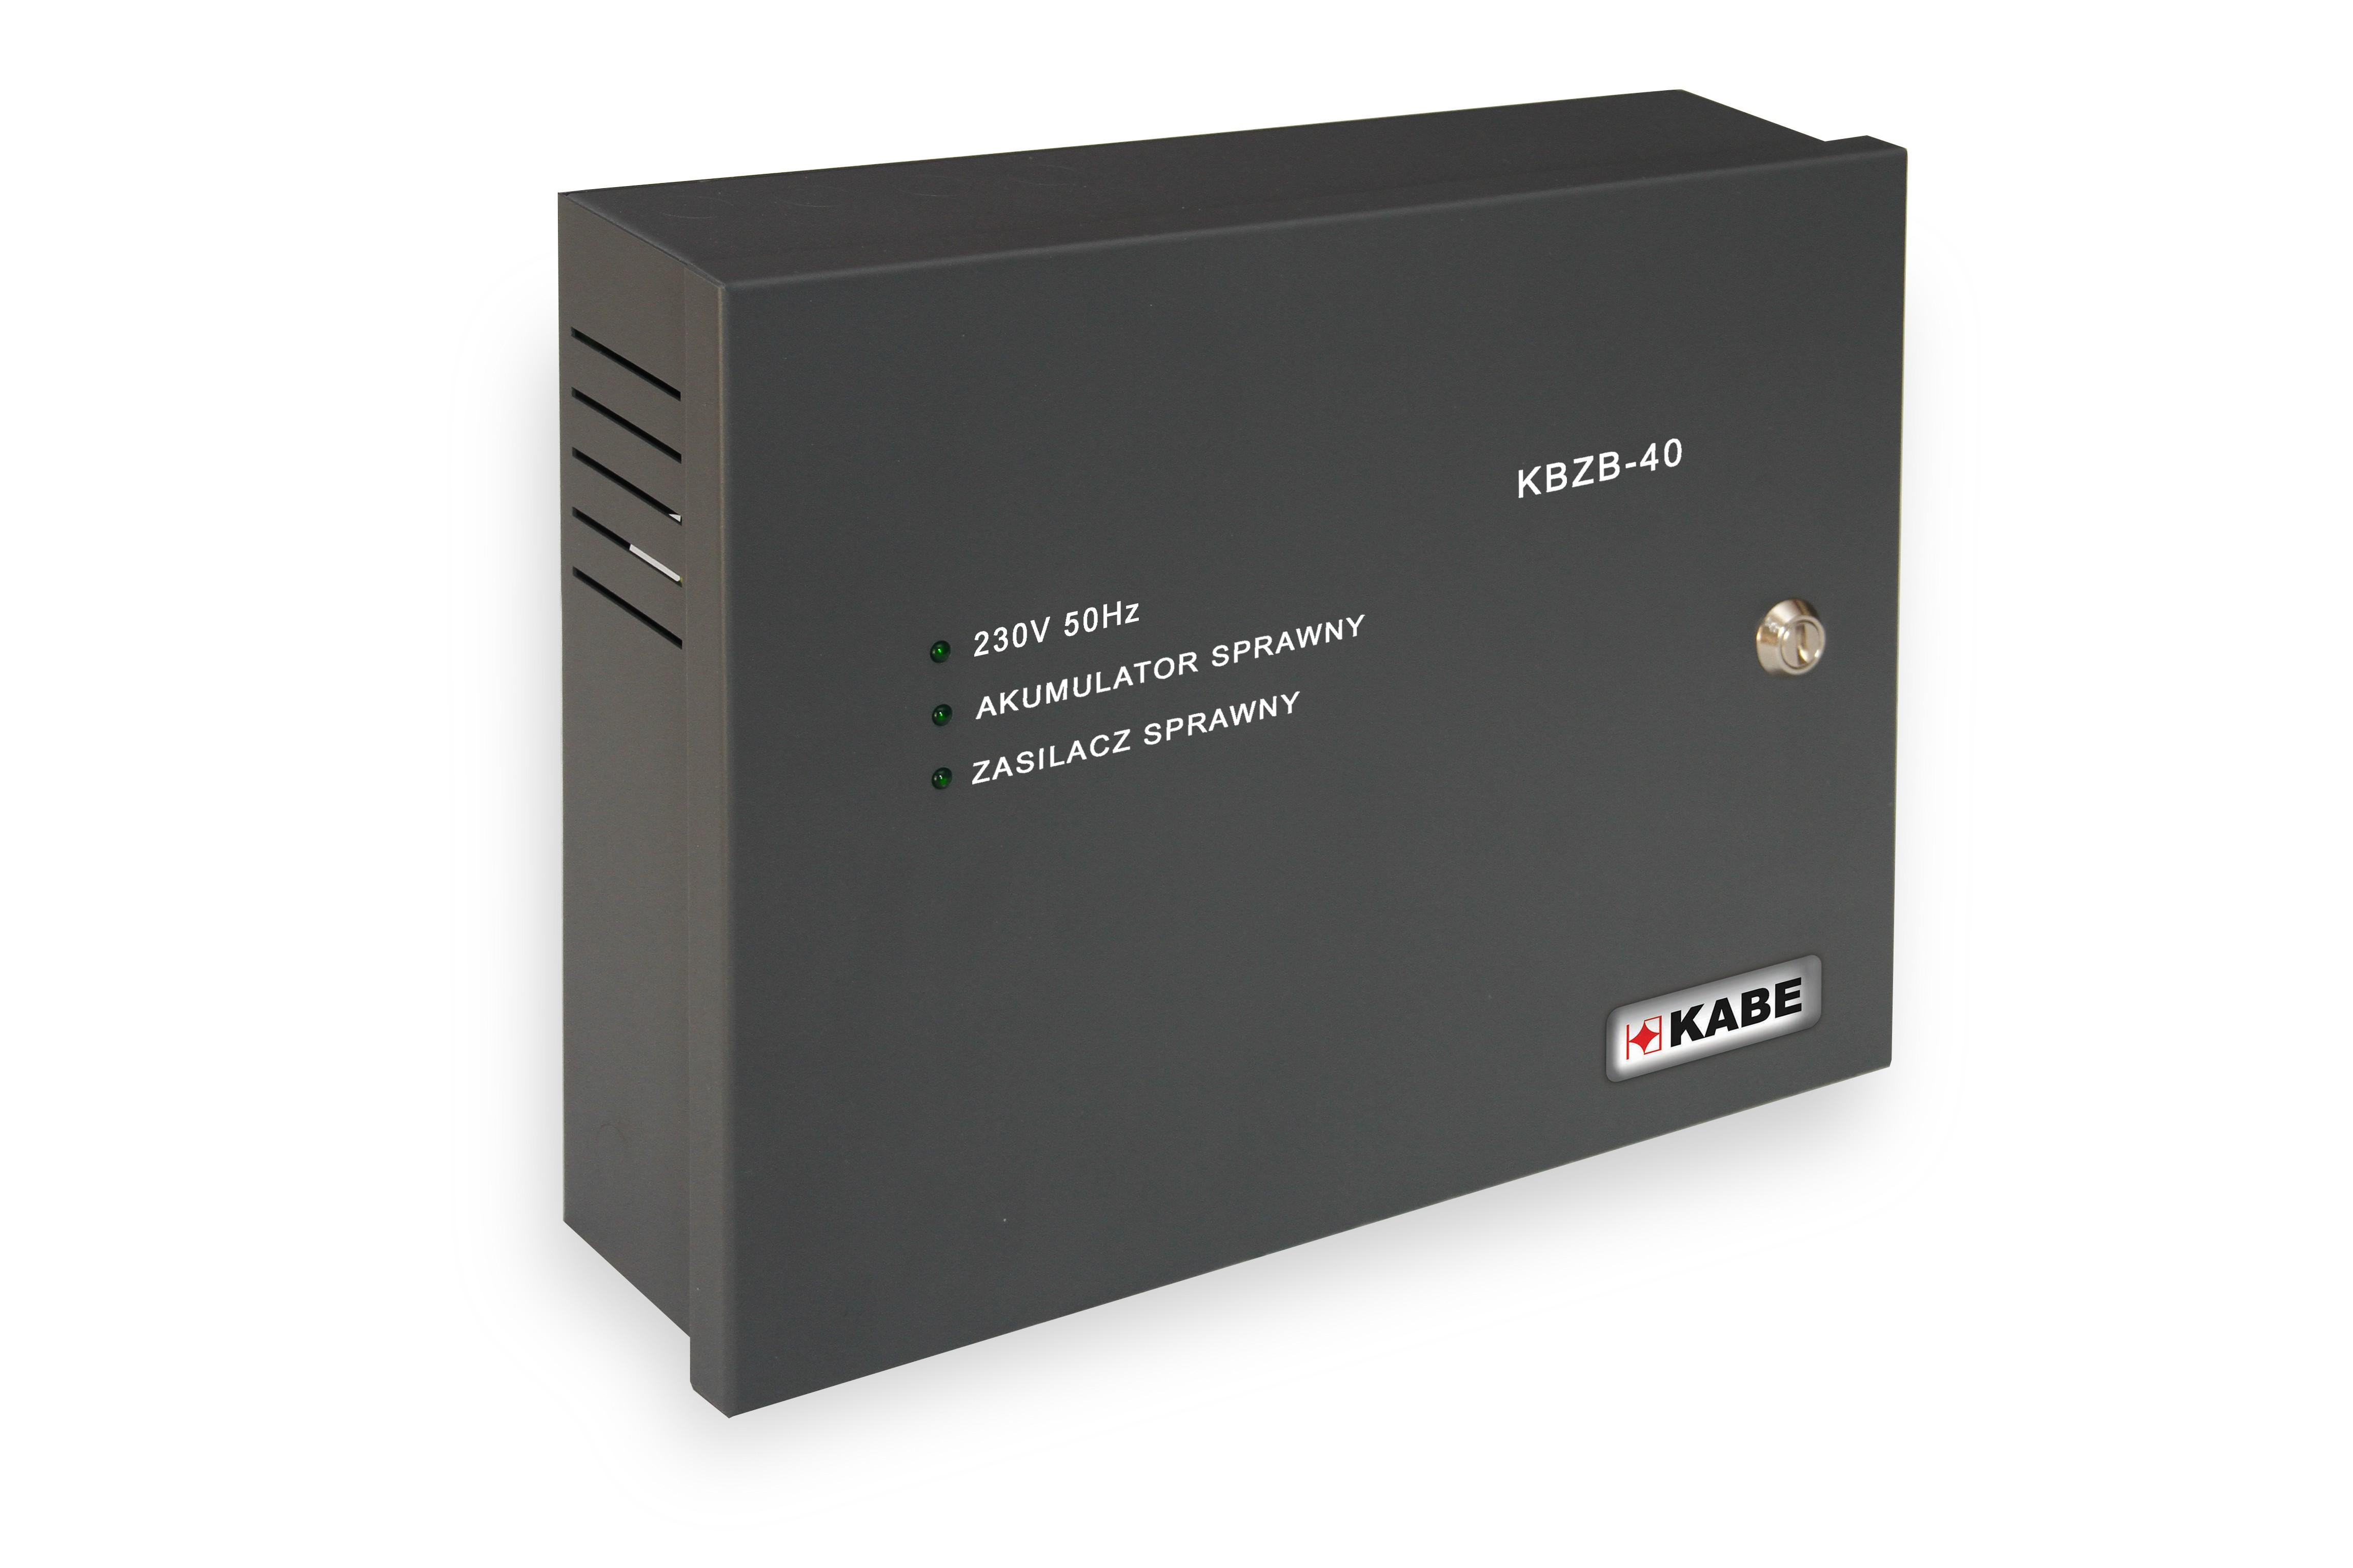 Zasilacz buforowy KBZB-40 2,7A/18Ah